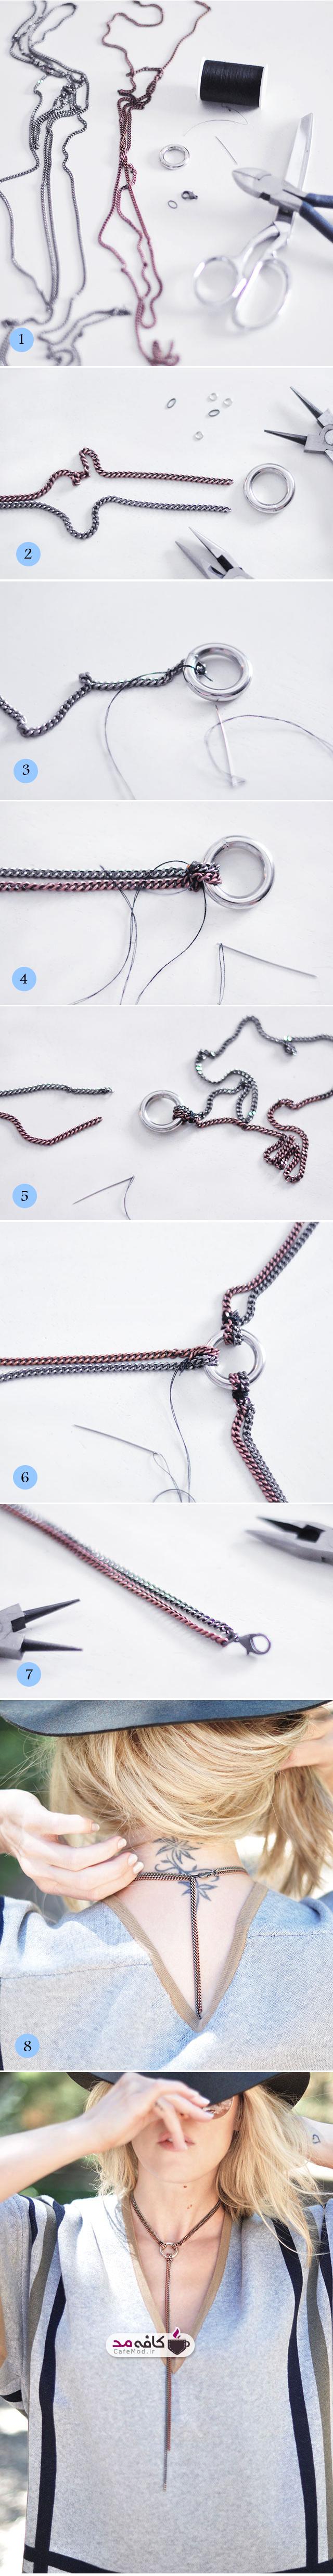 آموزش تصویری ساخت گردنبند زنجیری